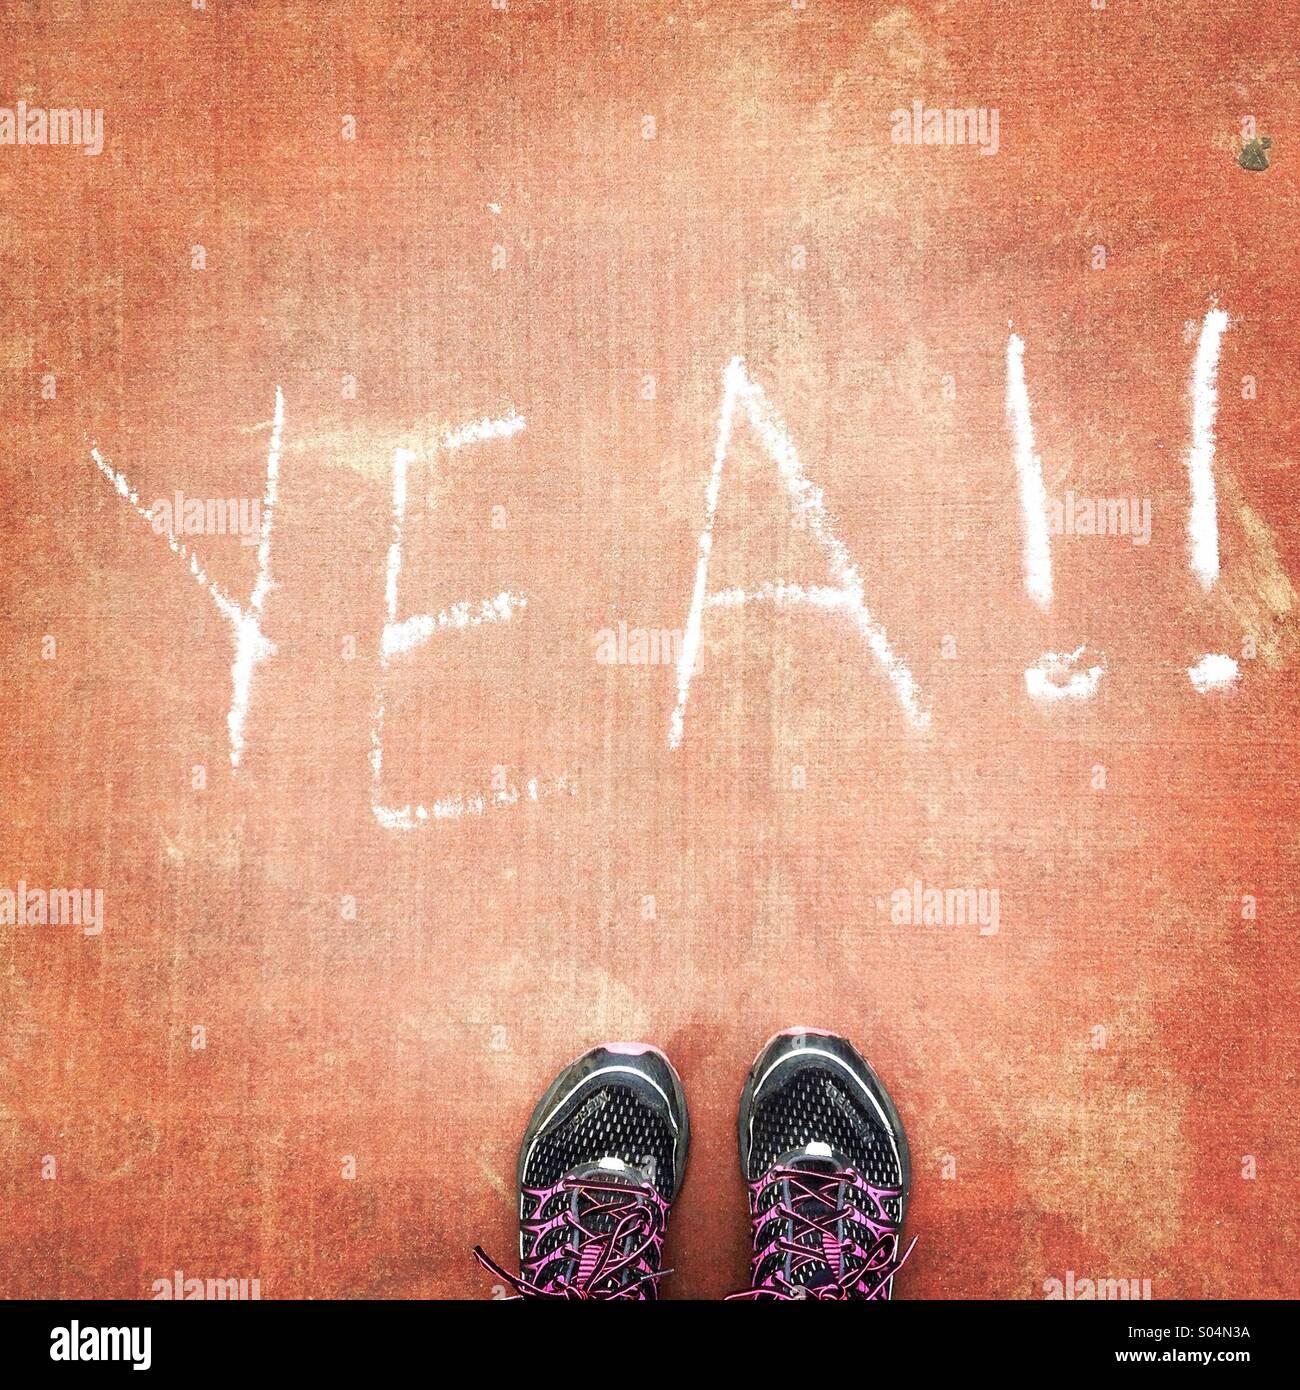 Craie d'inspiration message 'oui!' avec des chaussures de tennis Photo Stock